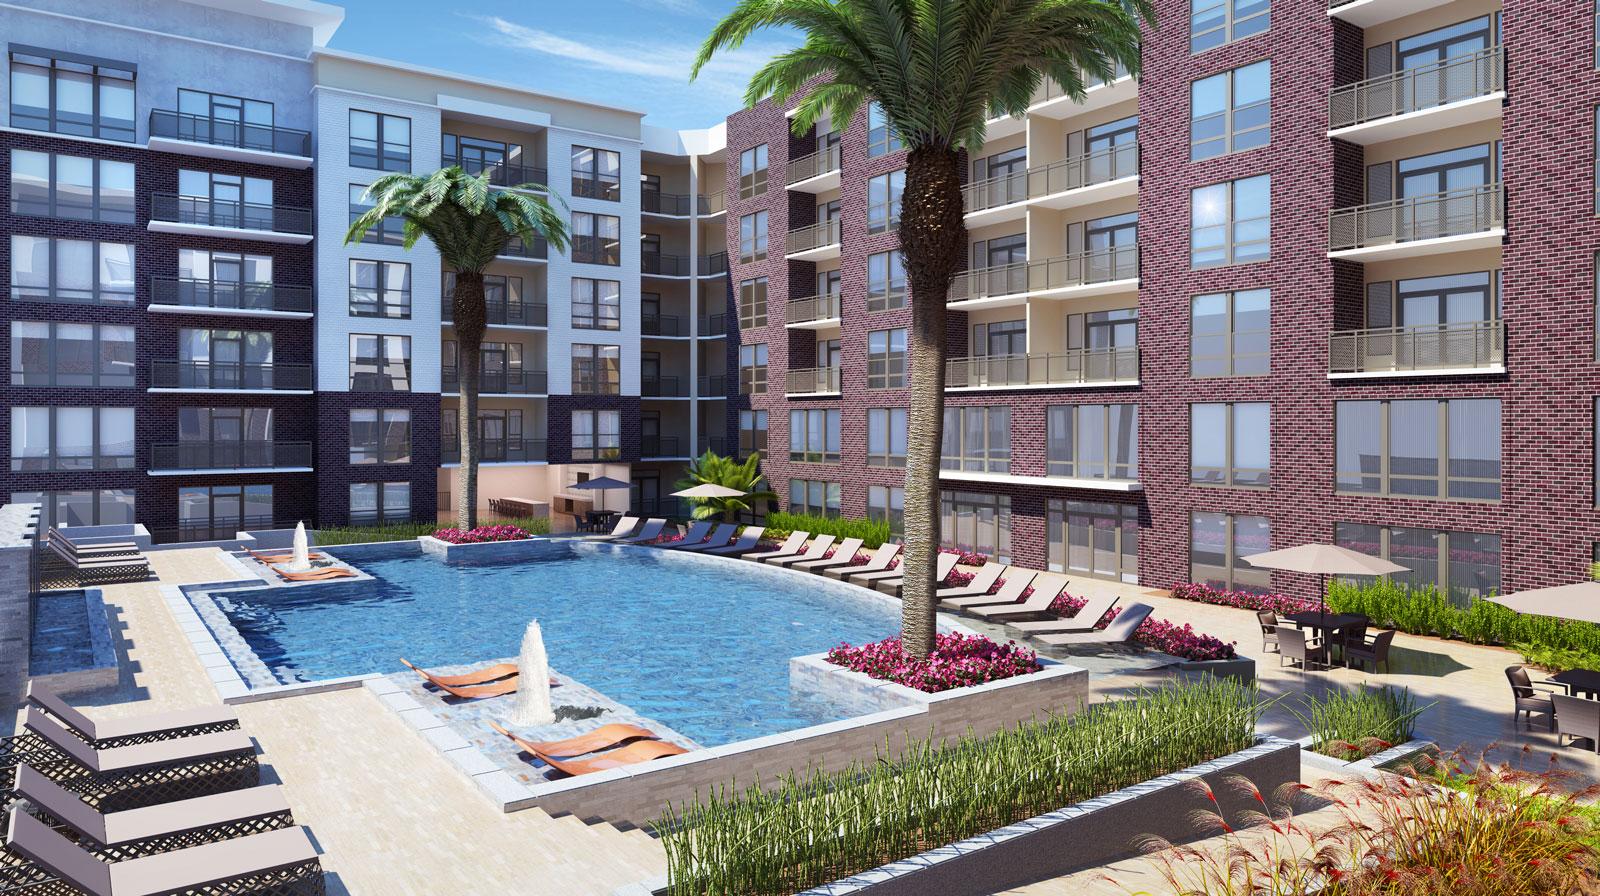 Courtyard-Rendering-Pool-V17-FINAL1.jpg